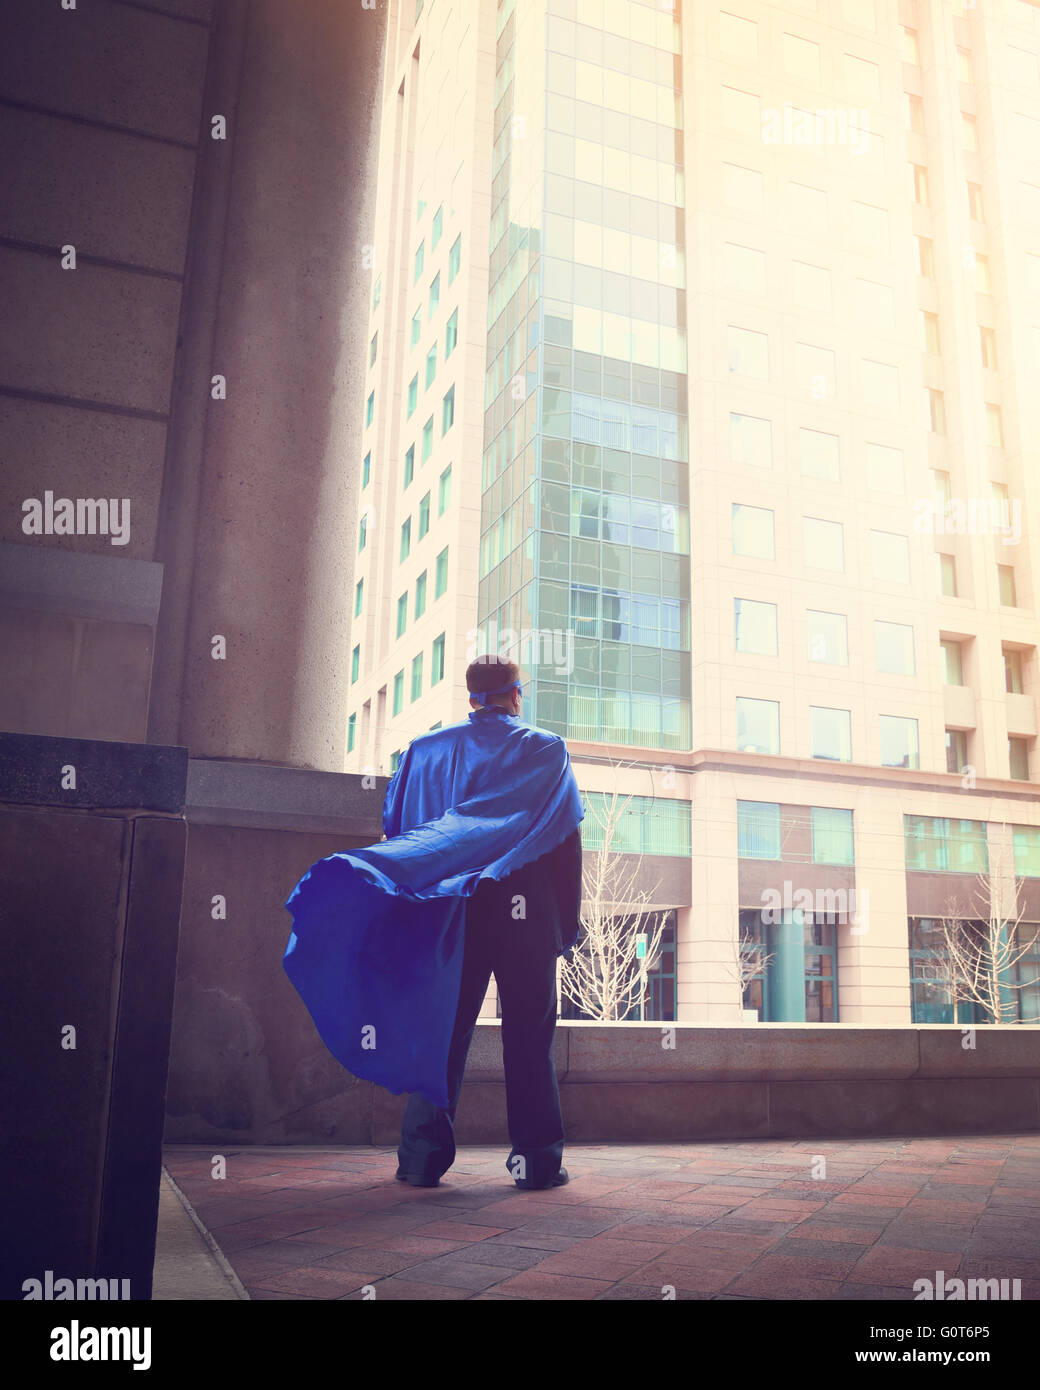 Un hombre que llevaba un negocio super cape está de pie en una ciudad para que sea un éxito, la fuerza o el poder Foto de stock